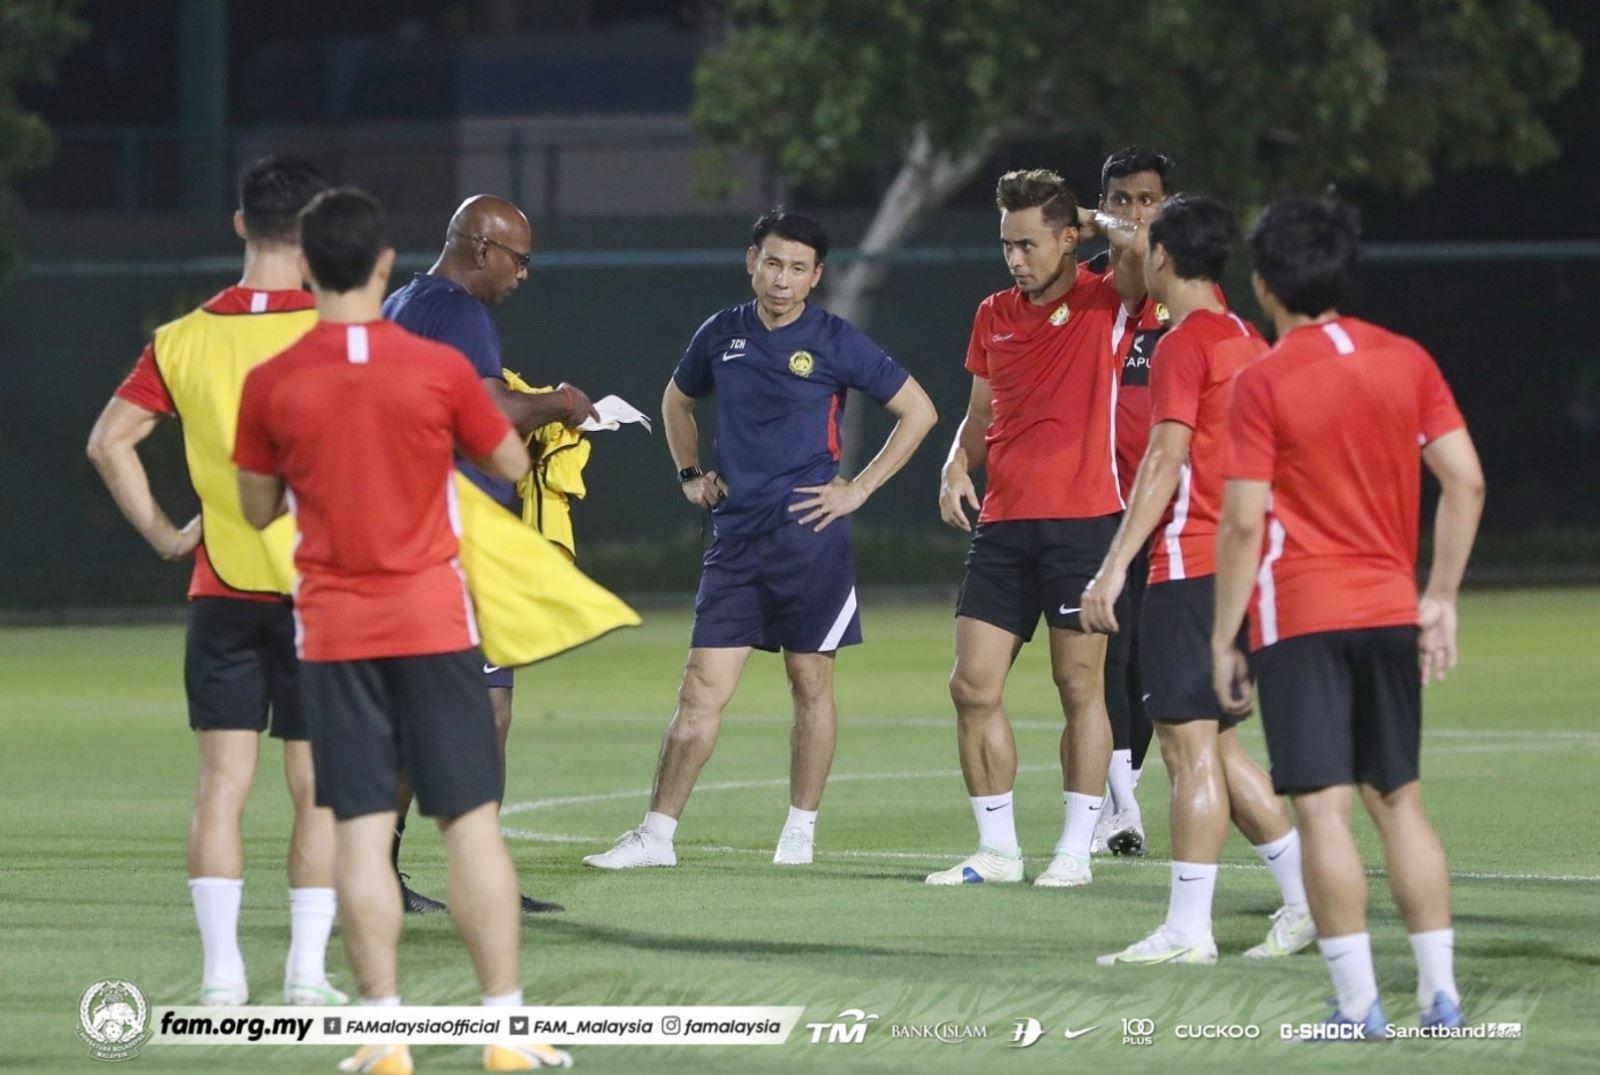 Lịch thi đấu vòng loại World Cup 2022 khu vực châu Á, Việt Nam vs Indonesia, UAE vs Thái Lan, Lịch thi đấu bóng đá Việt Nam hôm nay, VTV6, VTV5 trực tiếp bóng đá Việt Nam